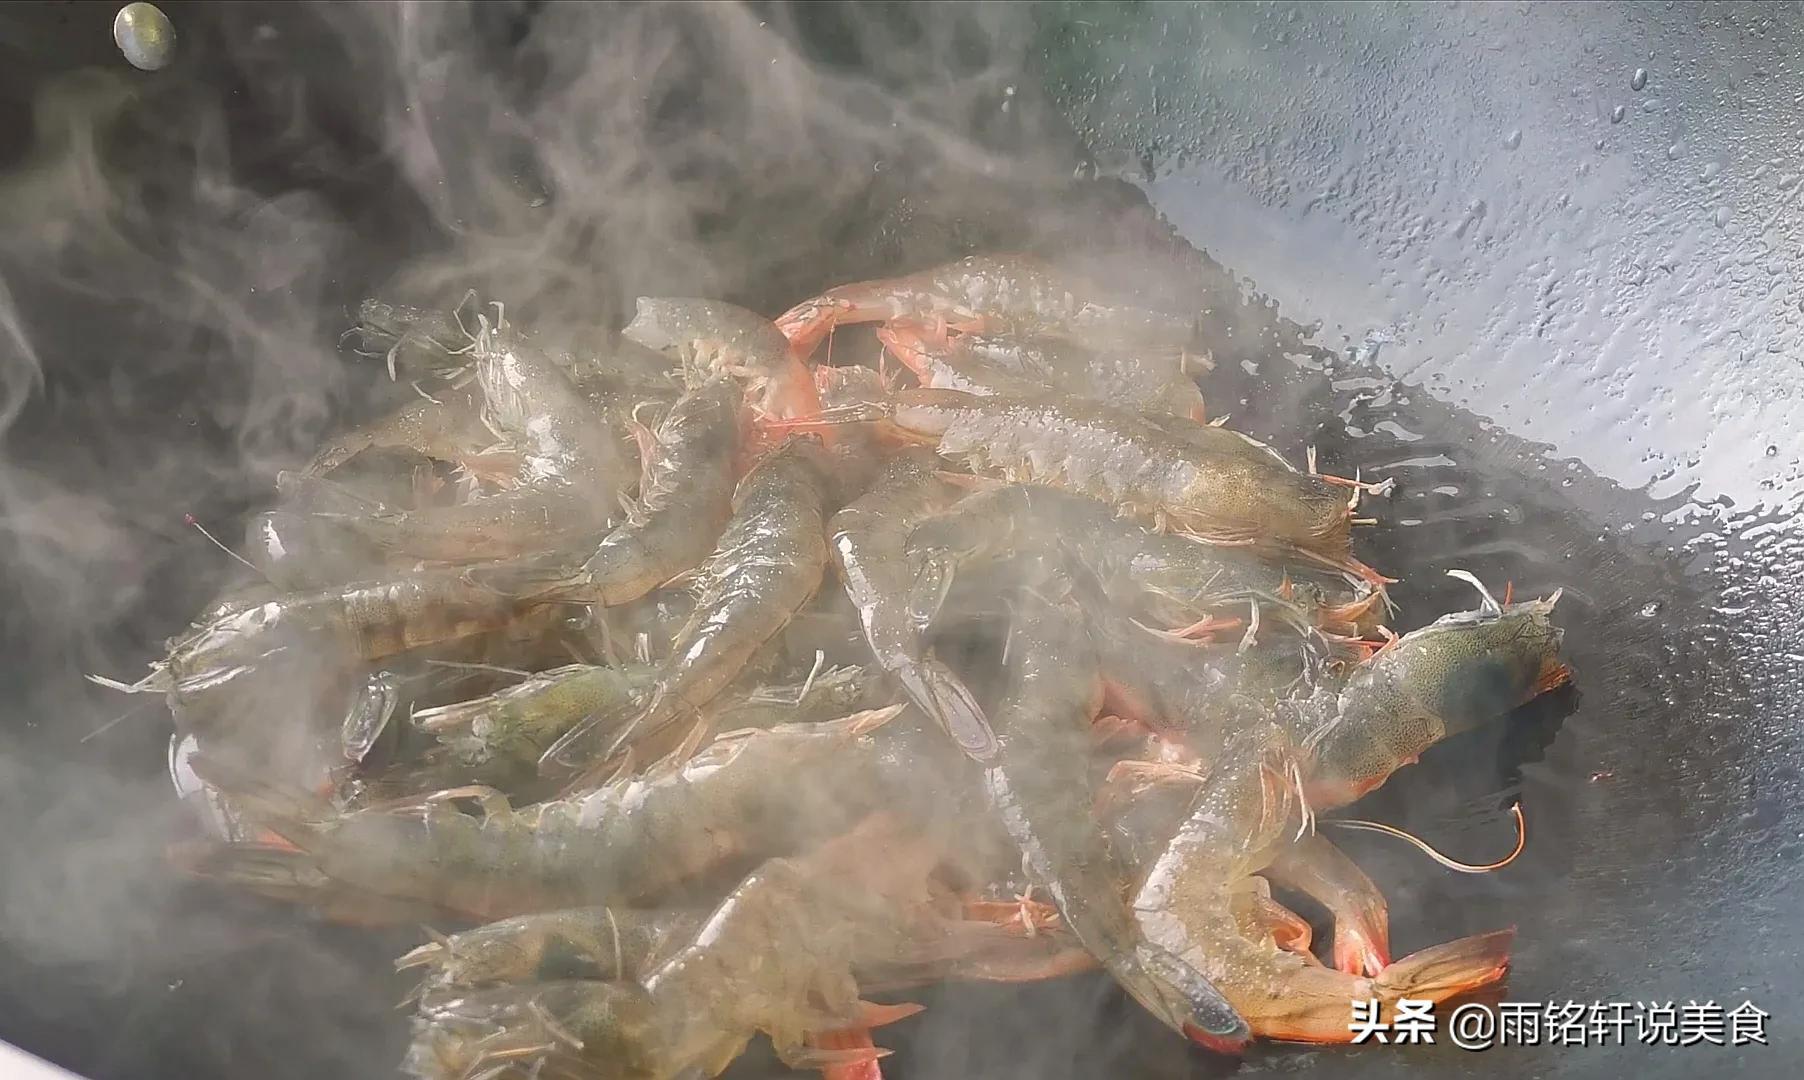 油焖大虾的正宗做法,不需要加盐,让你在家也能做出饭店的味道